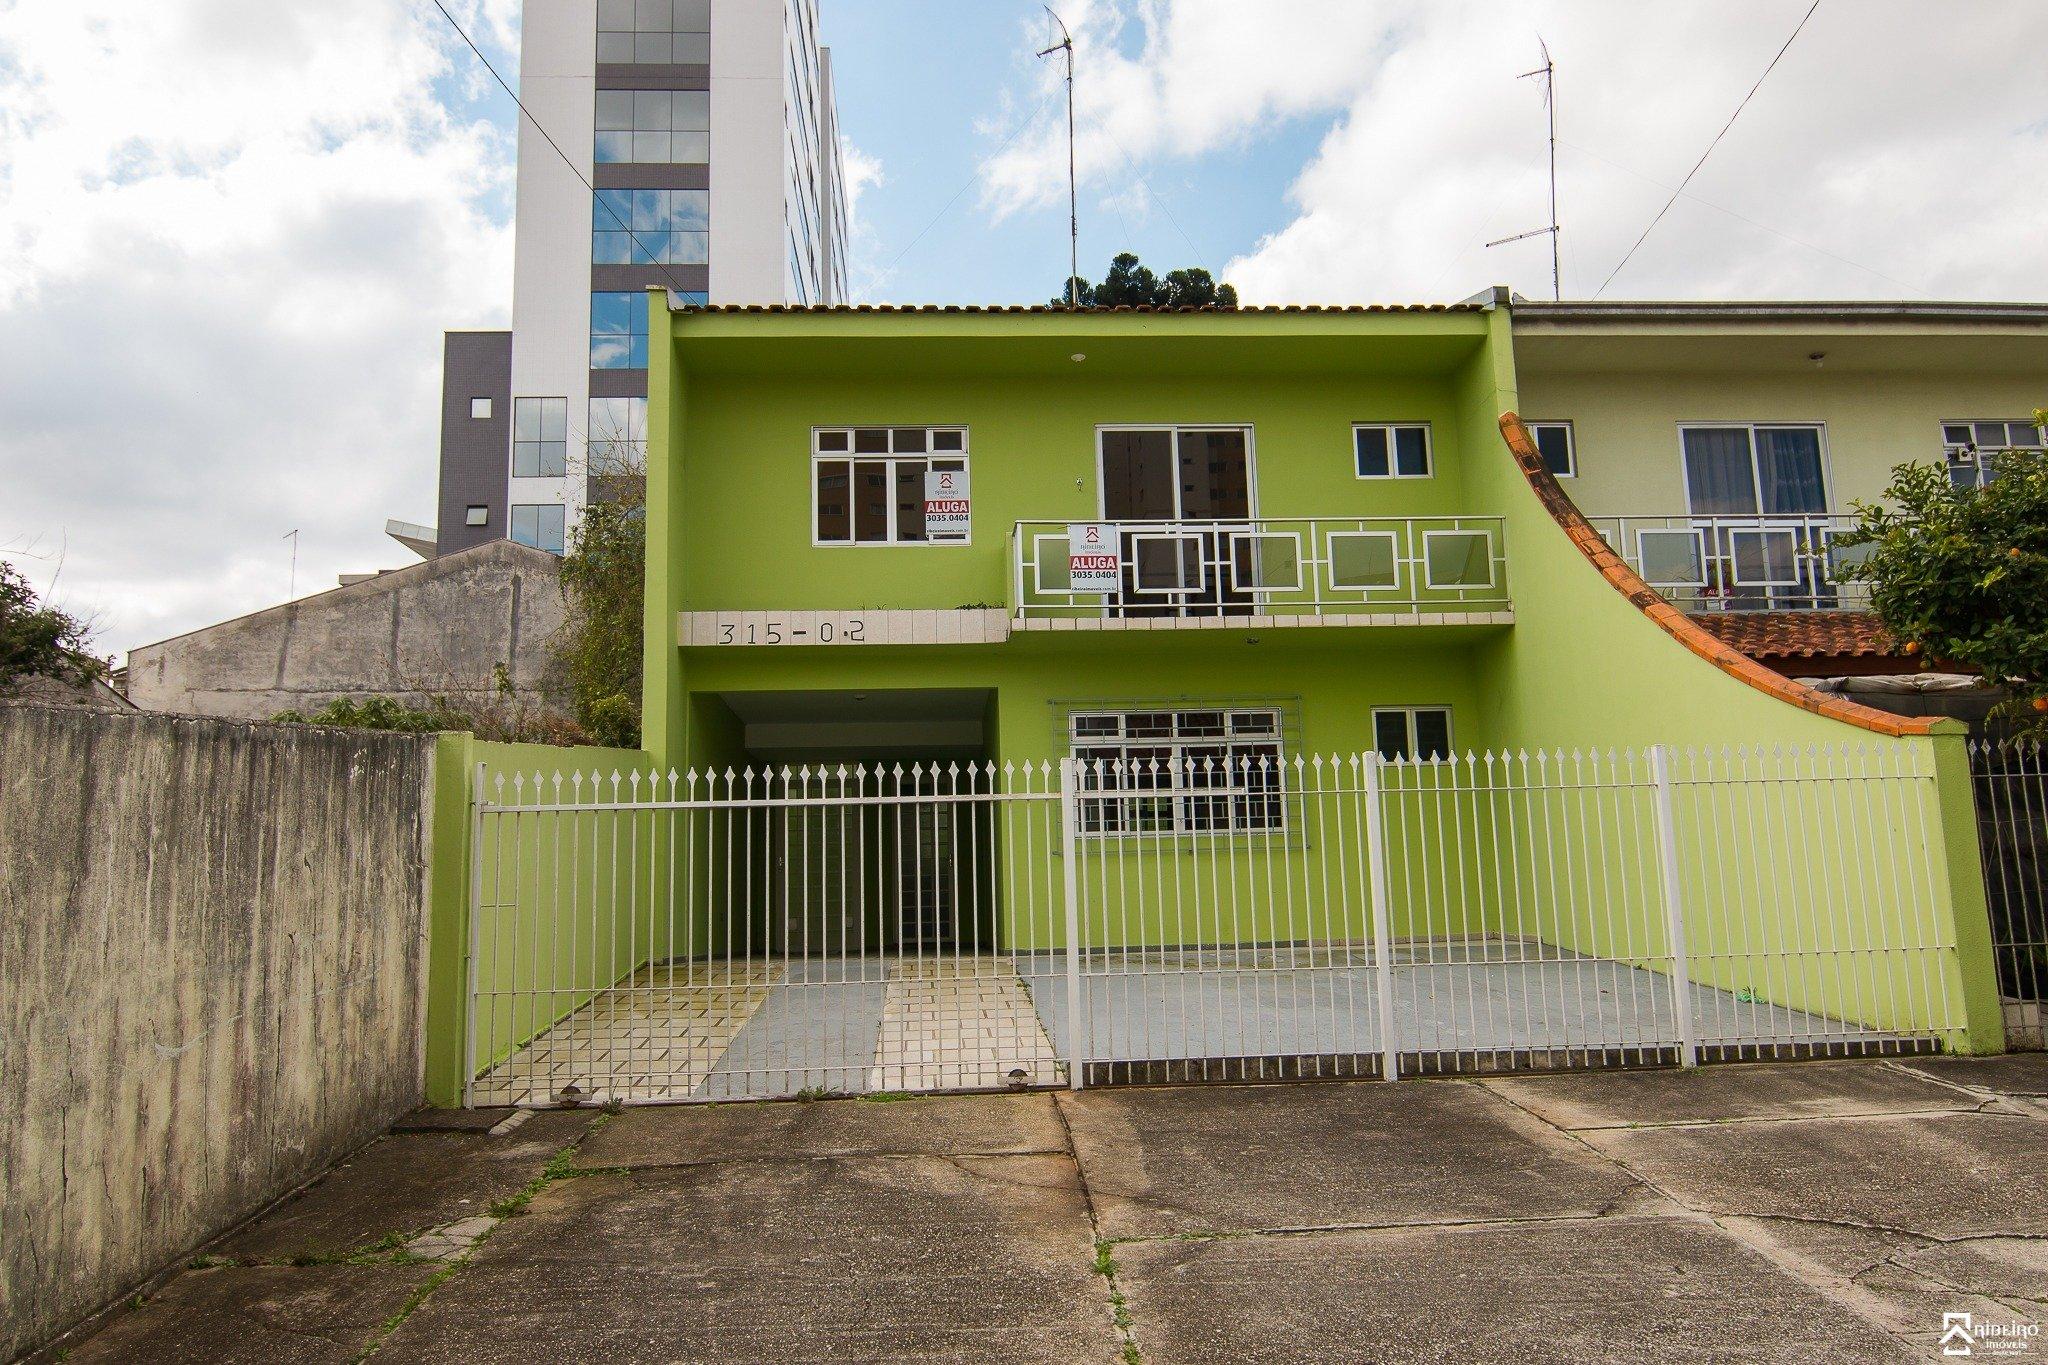 REF. 4844 -  São José Dos Pinhais - Rua  Paulino De Siqueira Cortes, 315 - Sobrado 02